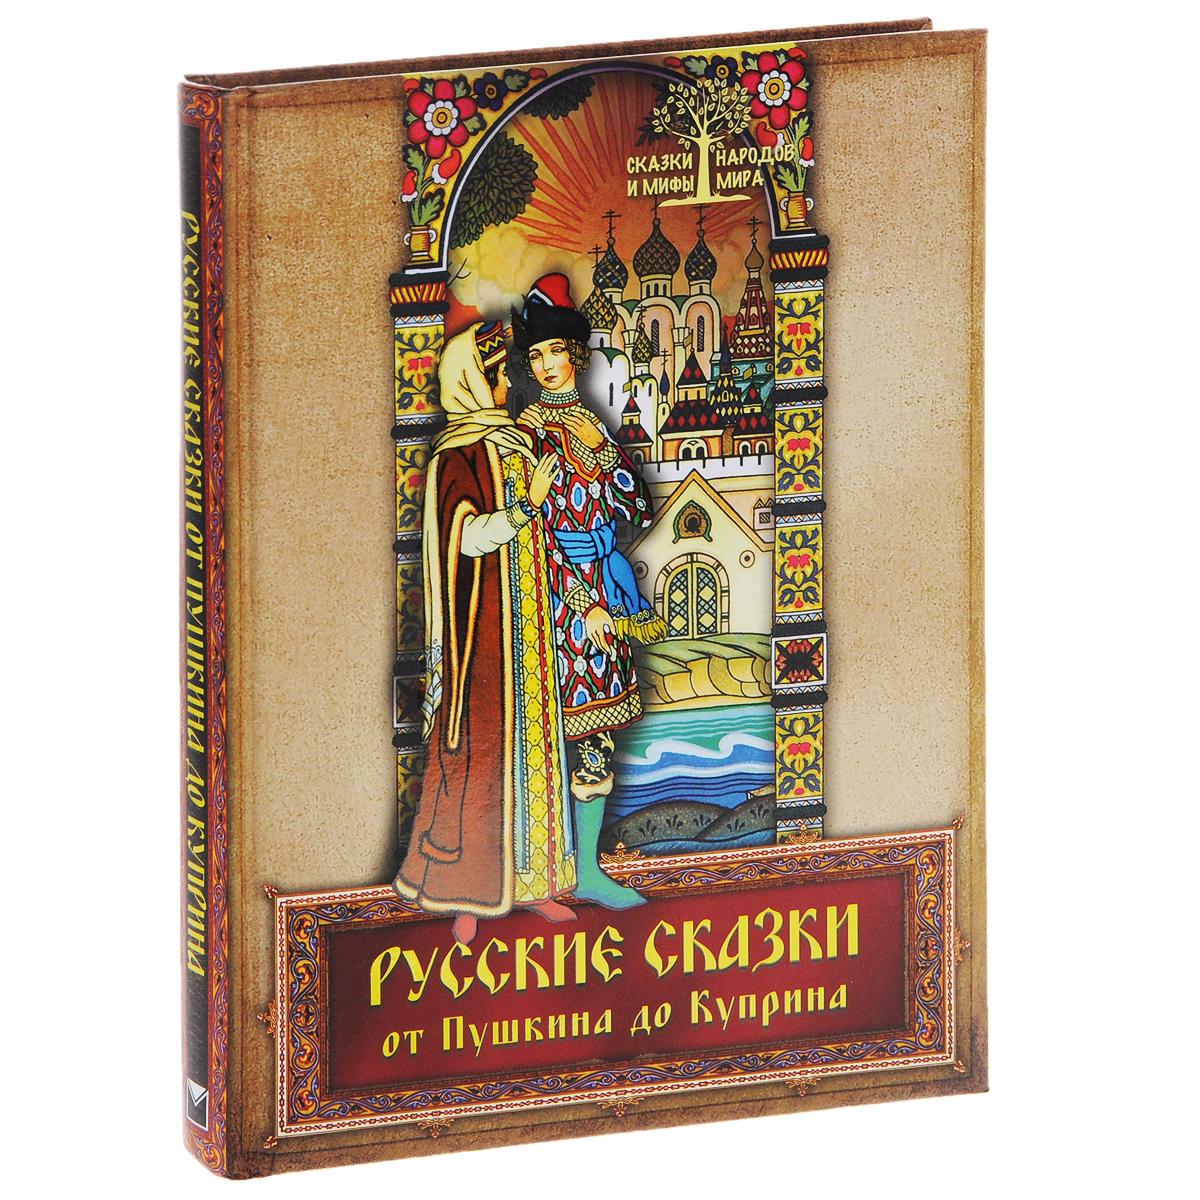 Русские сказки от Пушкина до Куприна